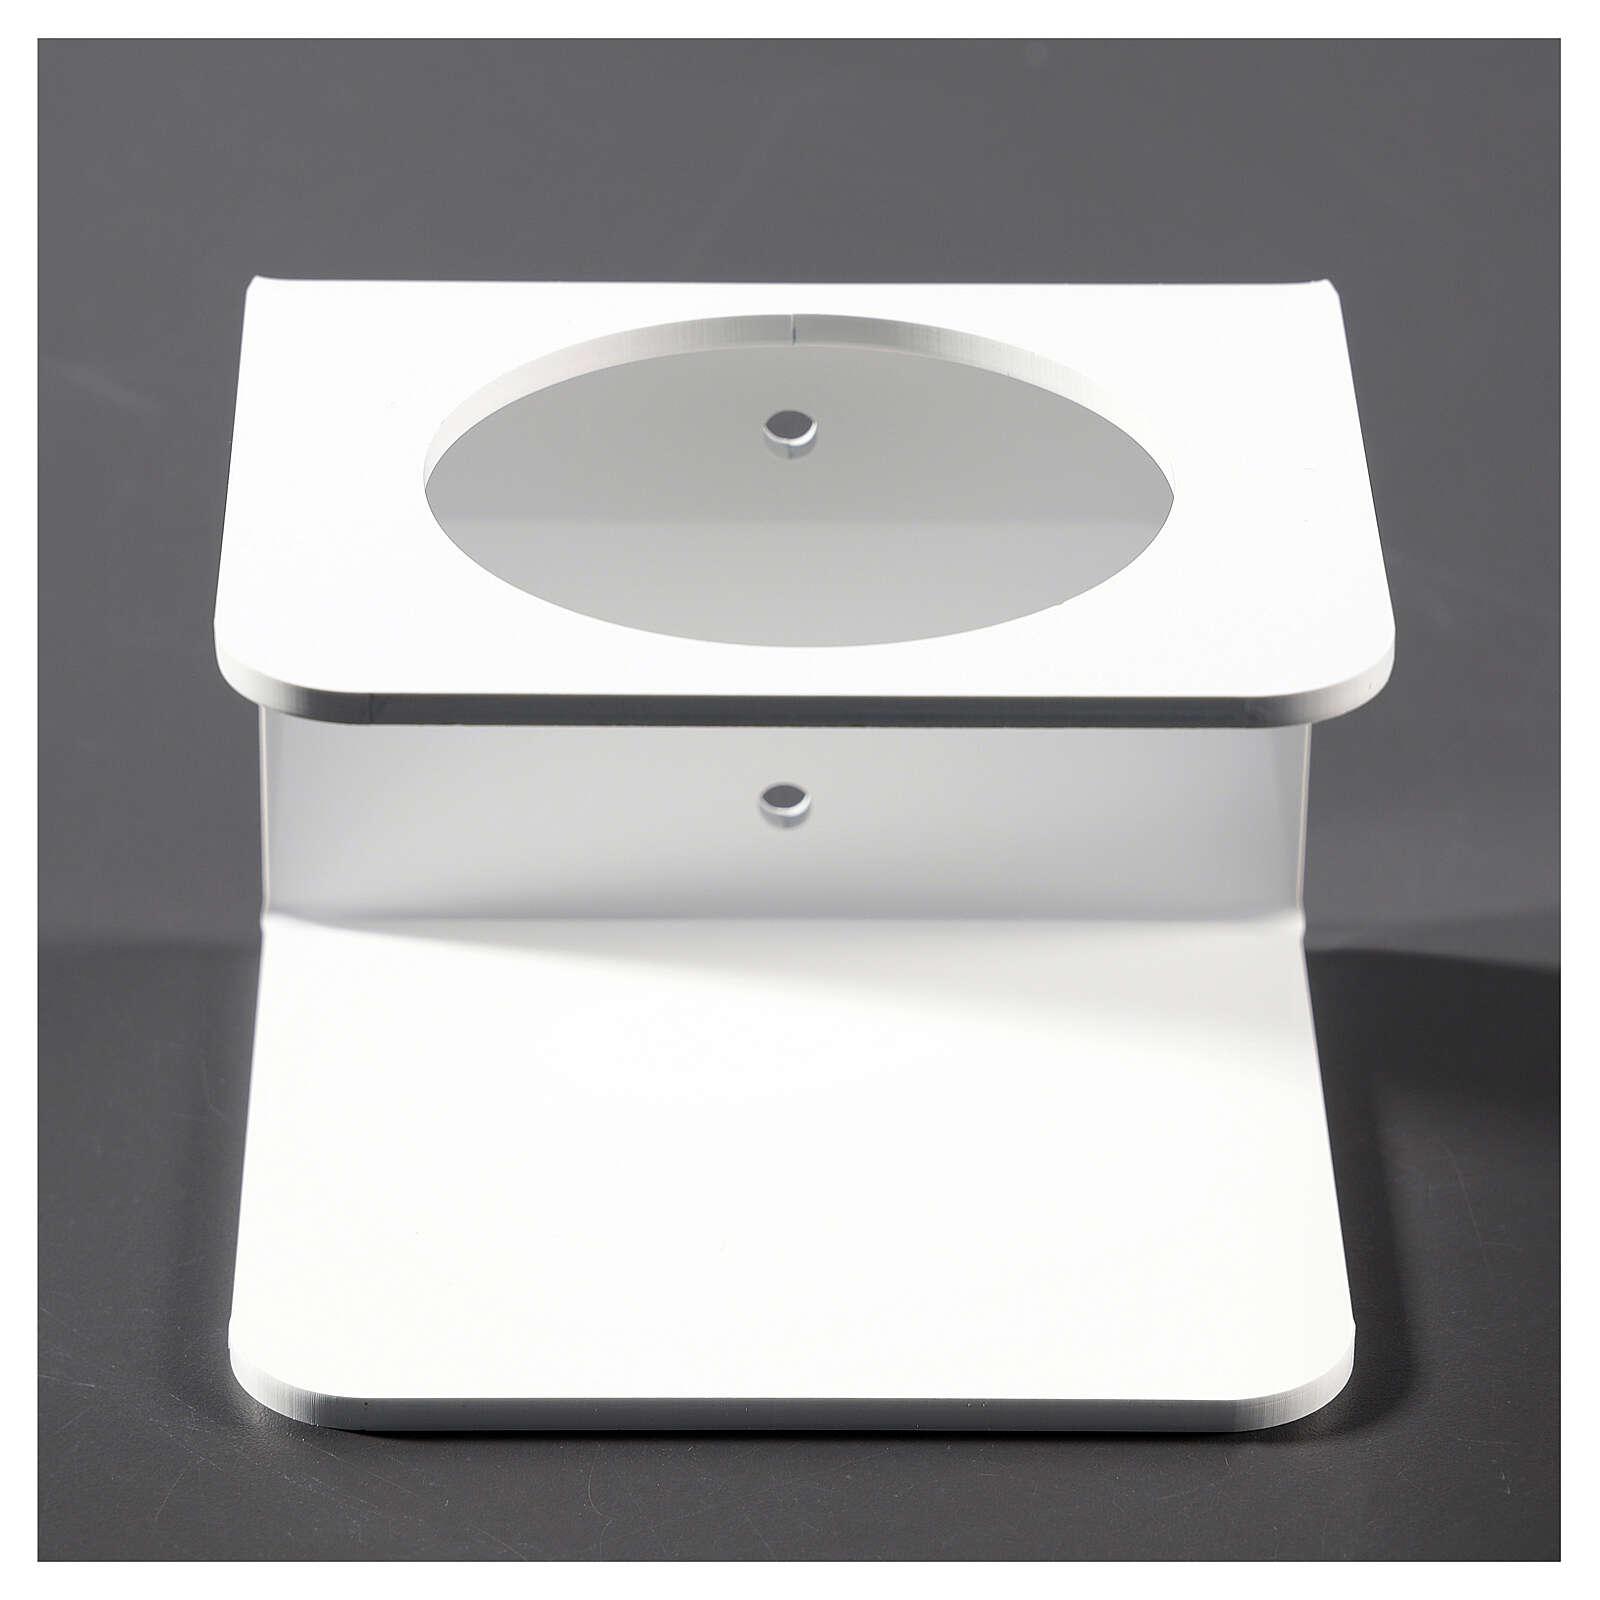 Wandhalter aus weißem Plexiglas für Händedesinfektionsmittel 3